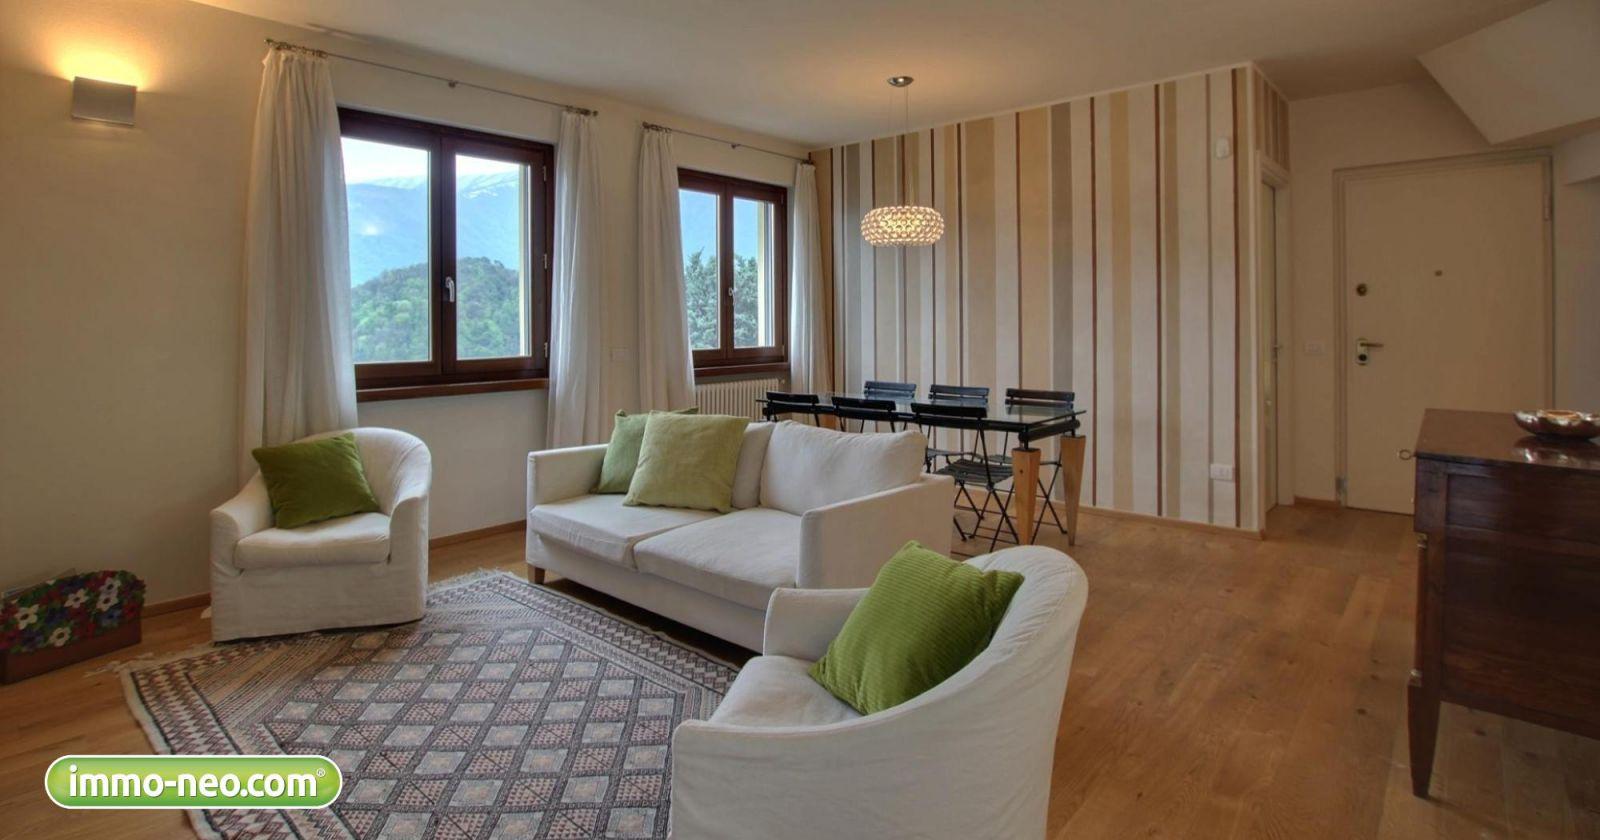 Due case da sogno in vendita tra privati sul lago di como - Sogno casa fabriano ...